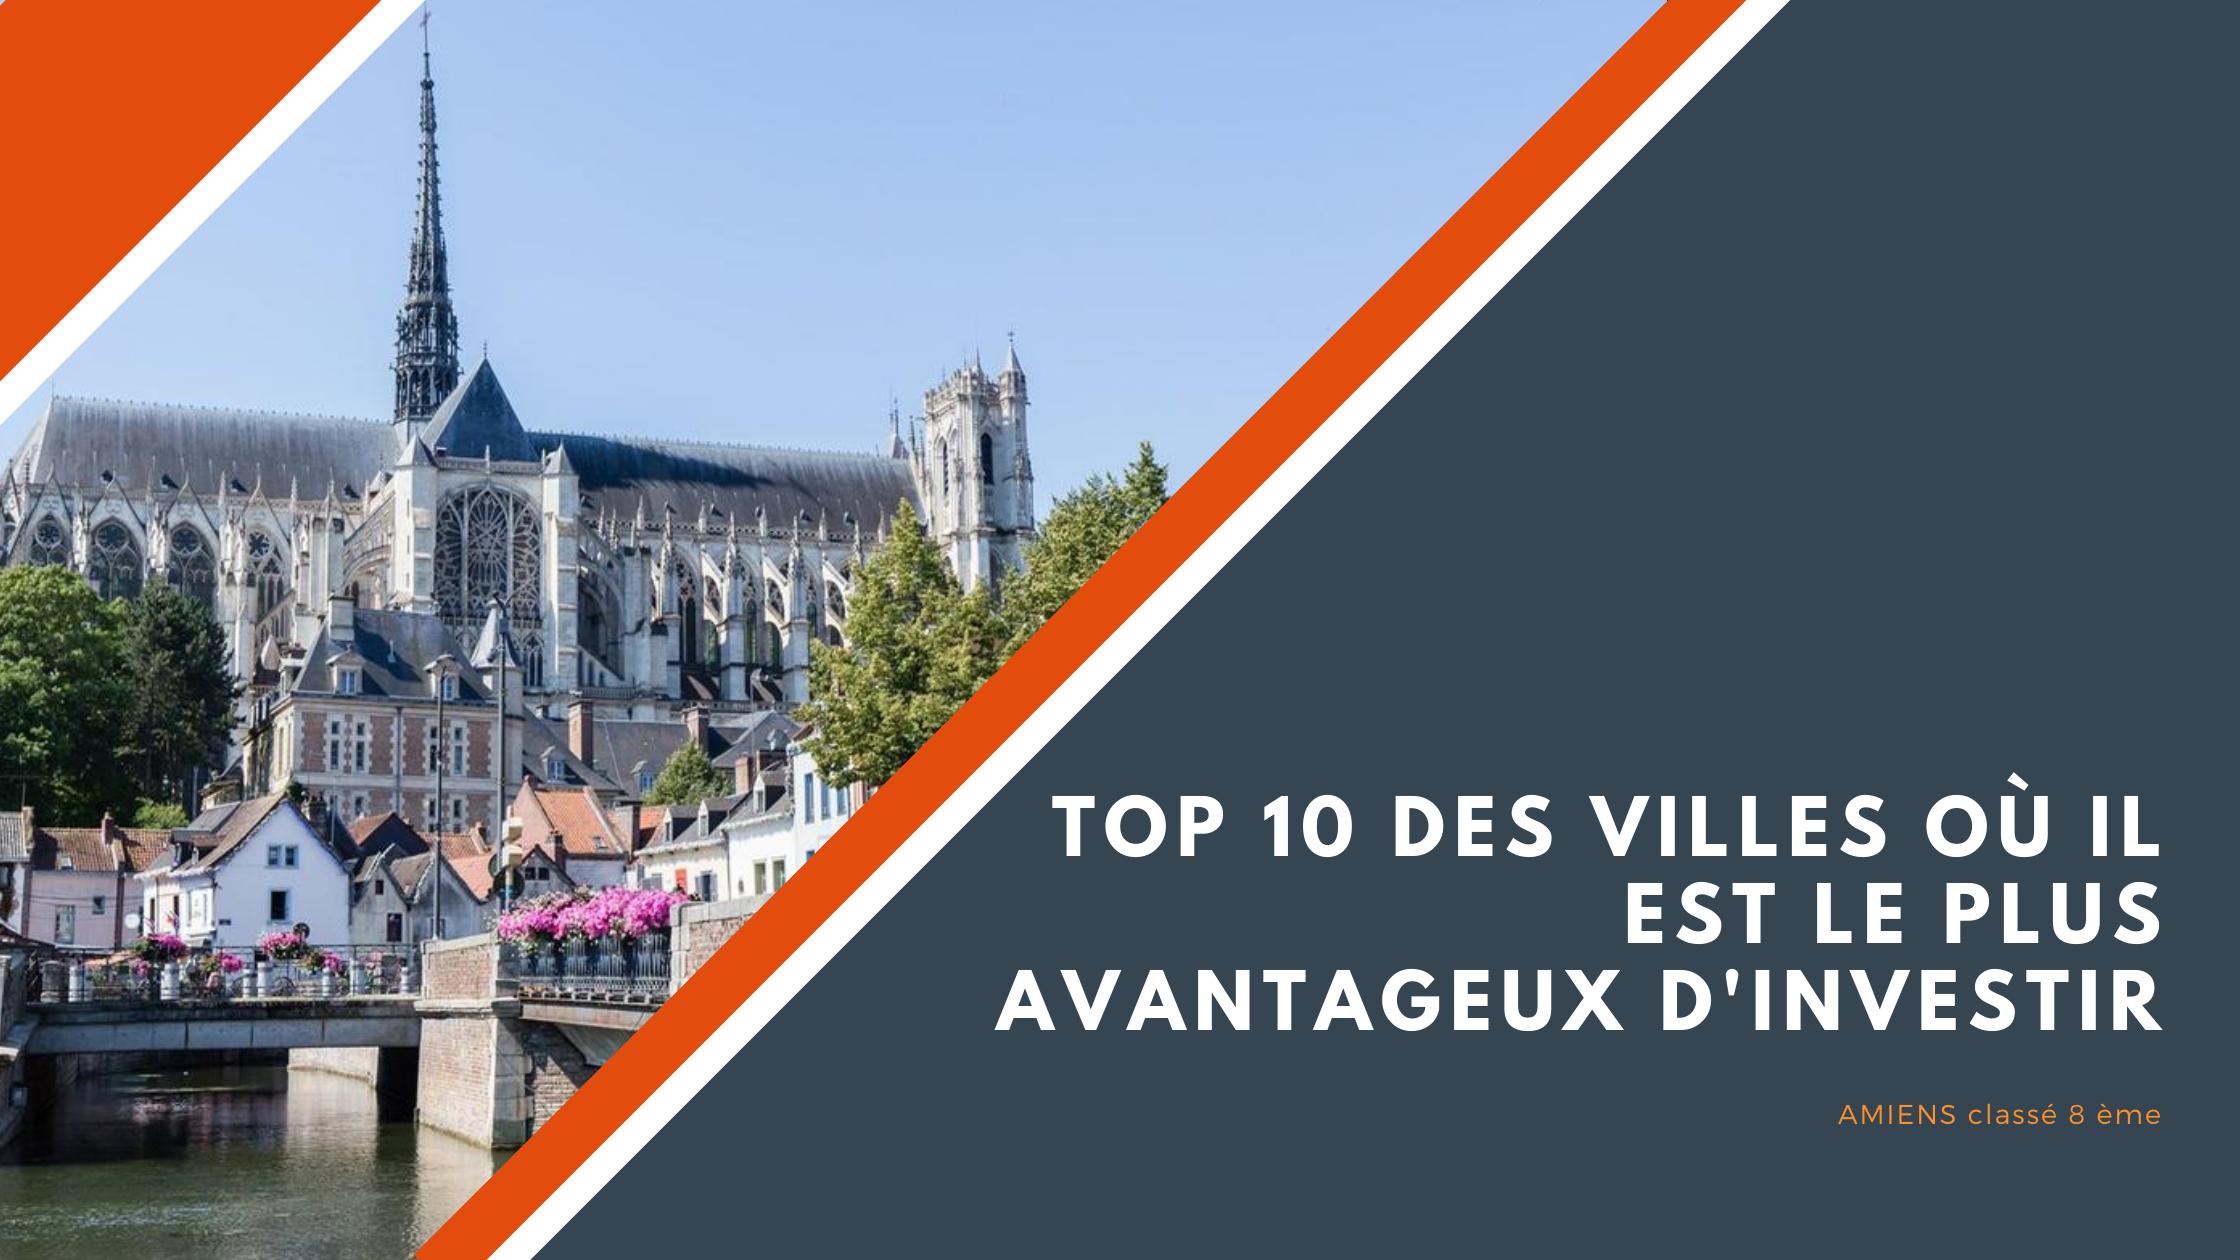 AMIENS dans le TOP 10 des villes où il faut investir !